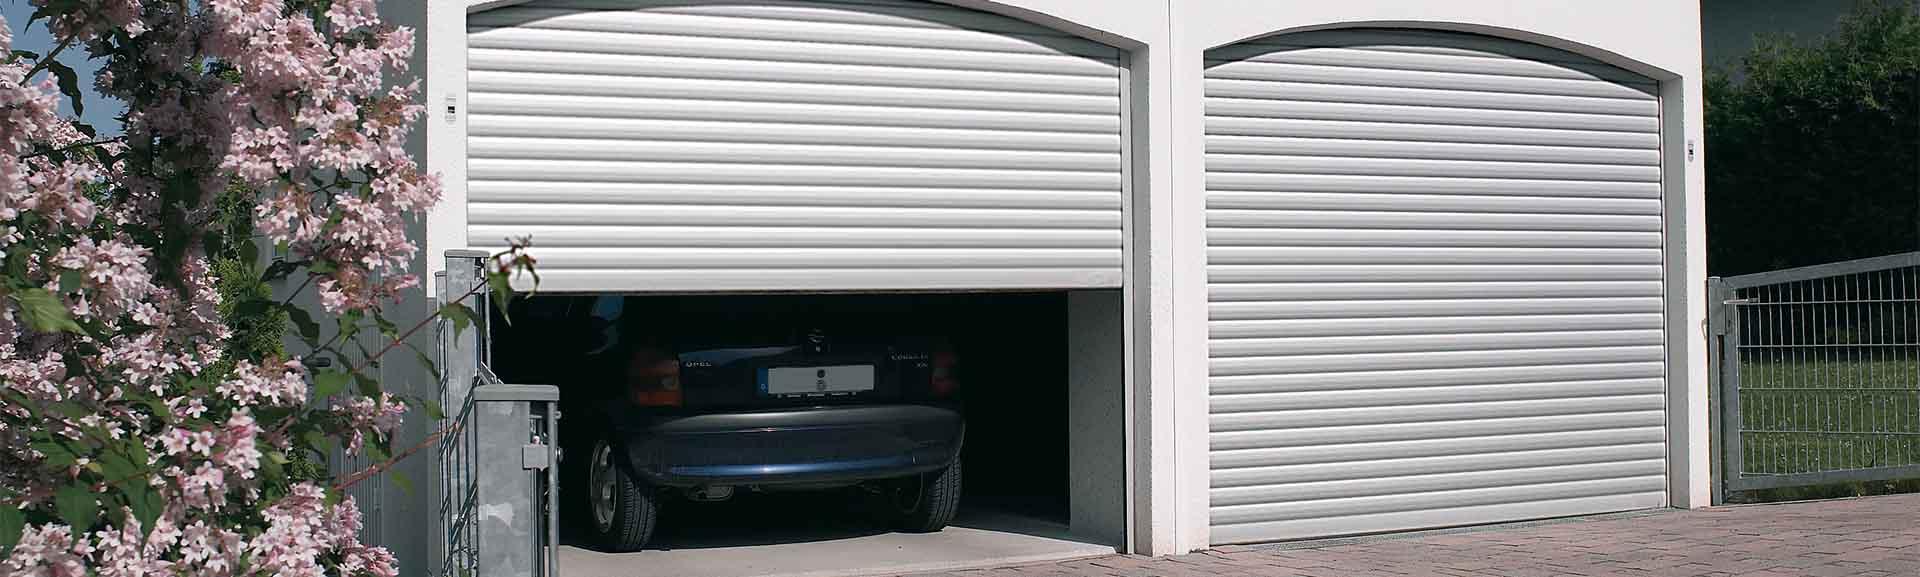 Garagentore - Funktional, langlebig und sicher